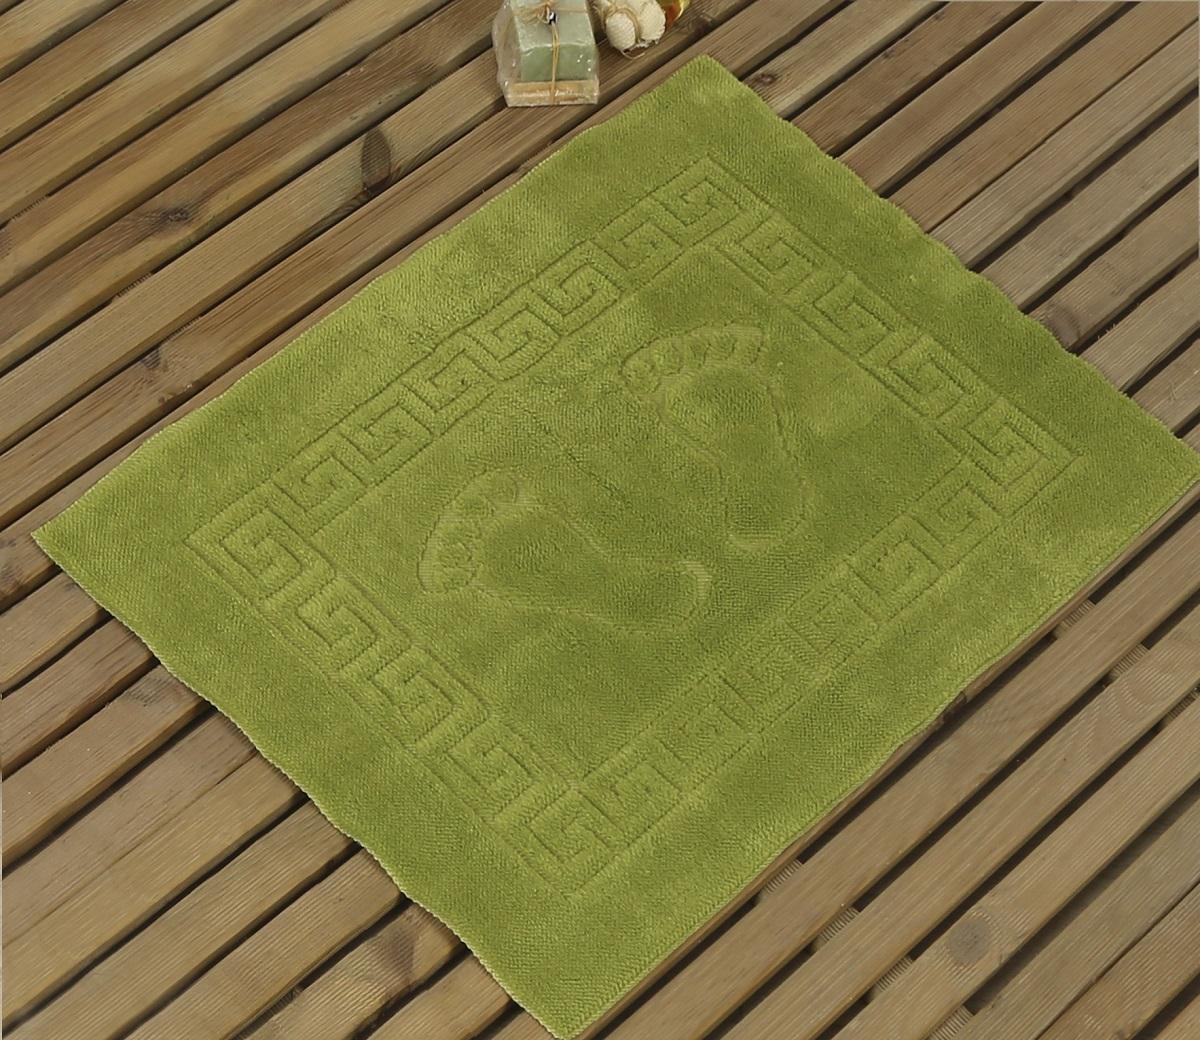 Коврик для ванной Karna Likya, цвет: зеленый, 50 х 70 см631/CHAR019Коврик Karna сделан из 100% полиэстера. Полиэстер является синтетическим волокном. Ткань, полностью изготовленная из полиэстера, даже после увлажнения, очень быстро сохнет. Изделия из полиэстера практически не требовательны к уходу и обладают высокой устойчивостью к износу. Изделия из полиэстера не мнутся и легко стираются, после стирки очень быстро высыхают. Материал очень прочный, за время использования не растягивается и не садится. А также обладает высокой влагонепроницаемостью.